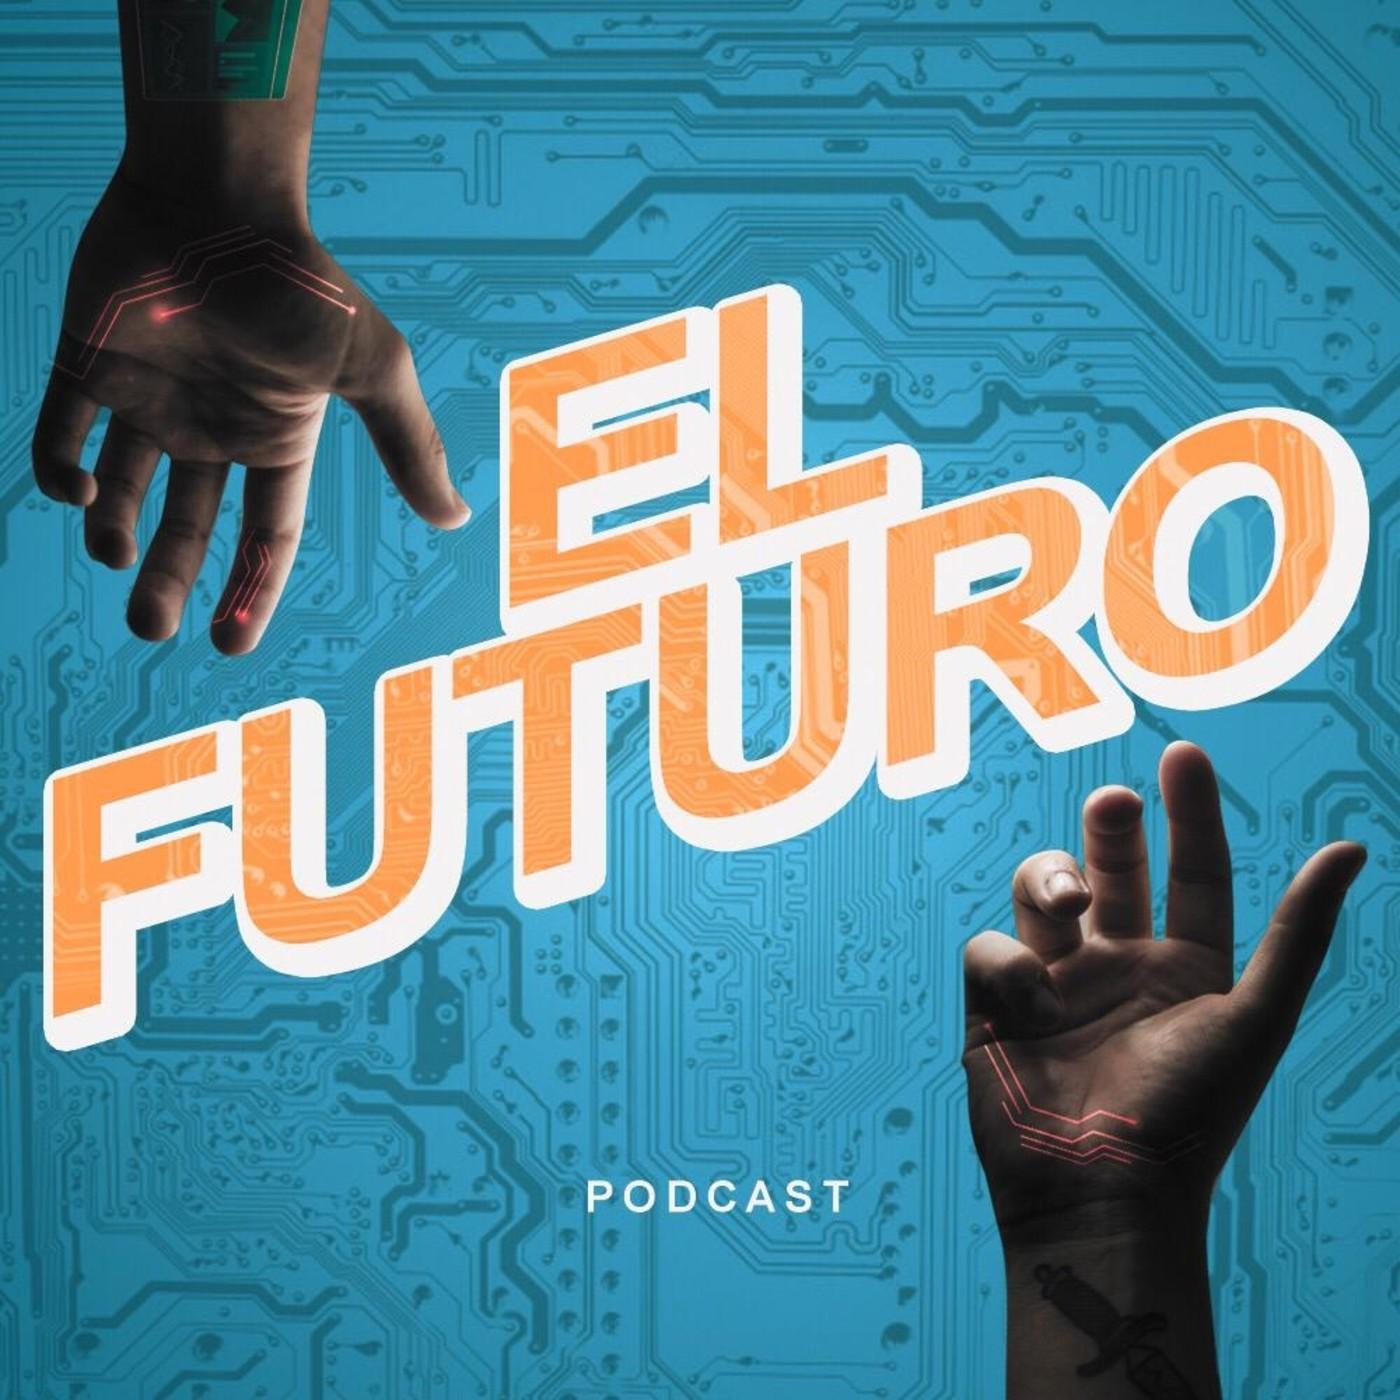 El Futuro 97 - Una carta a vos mismo en el futuro...